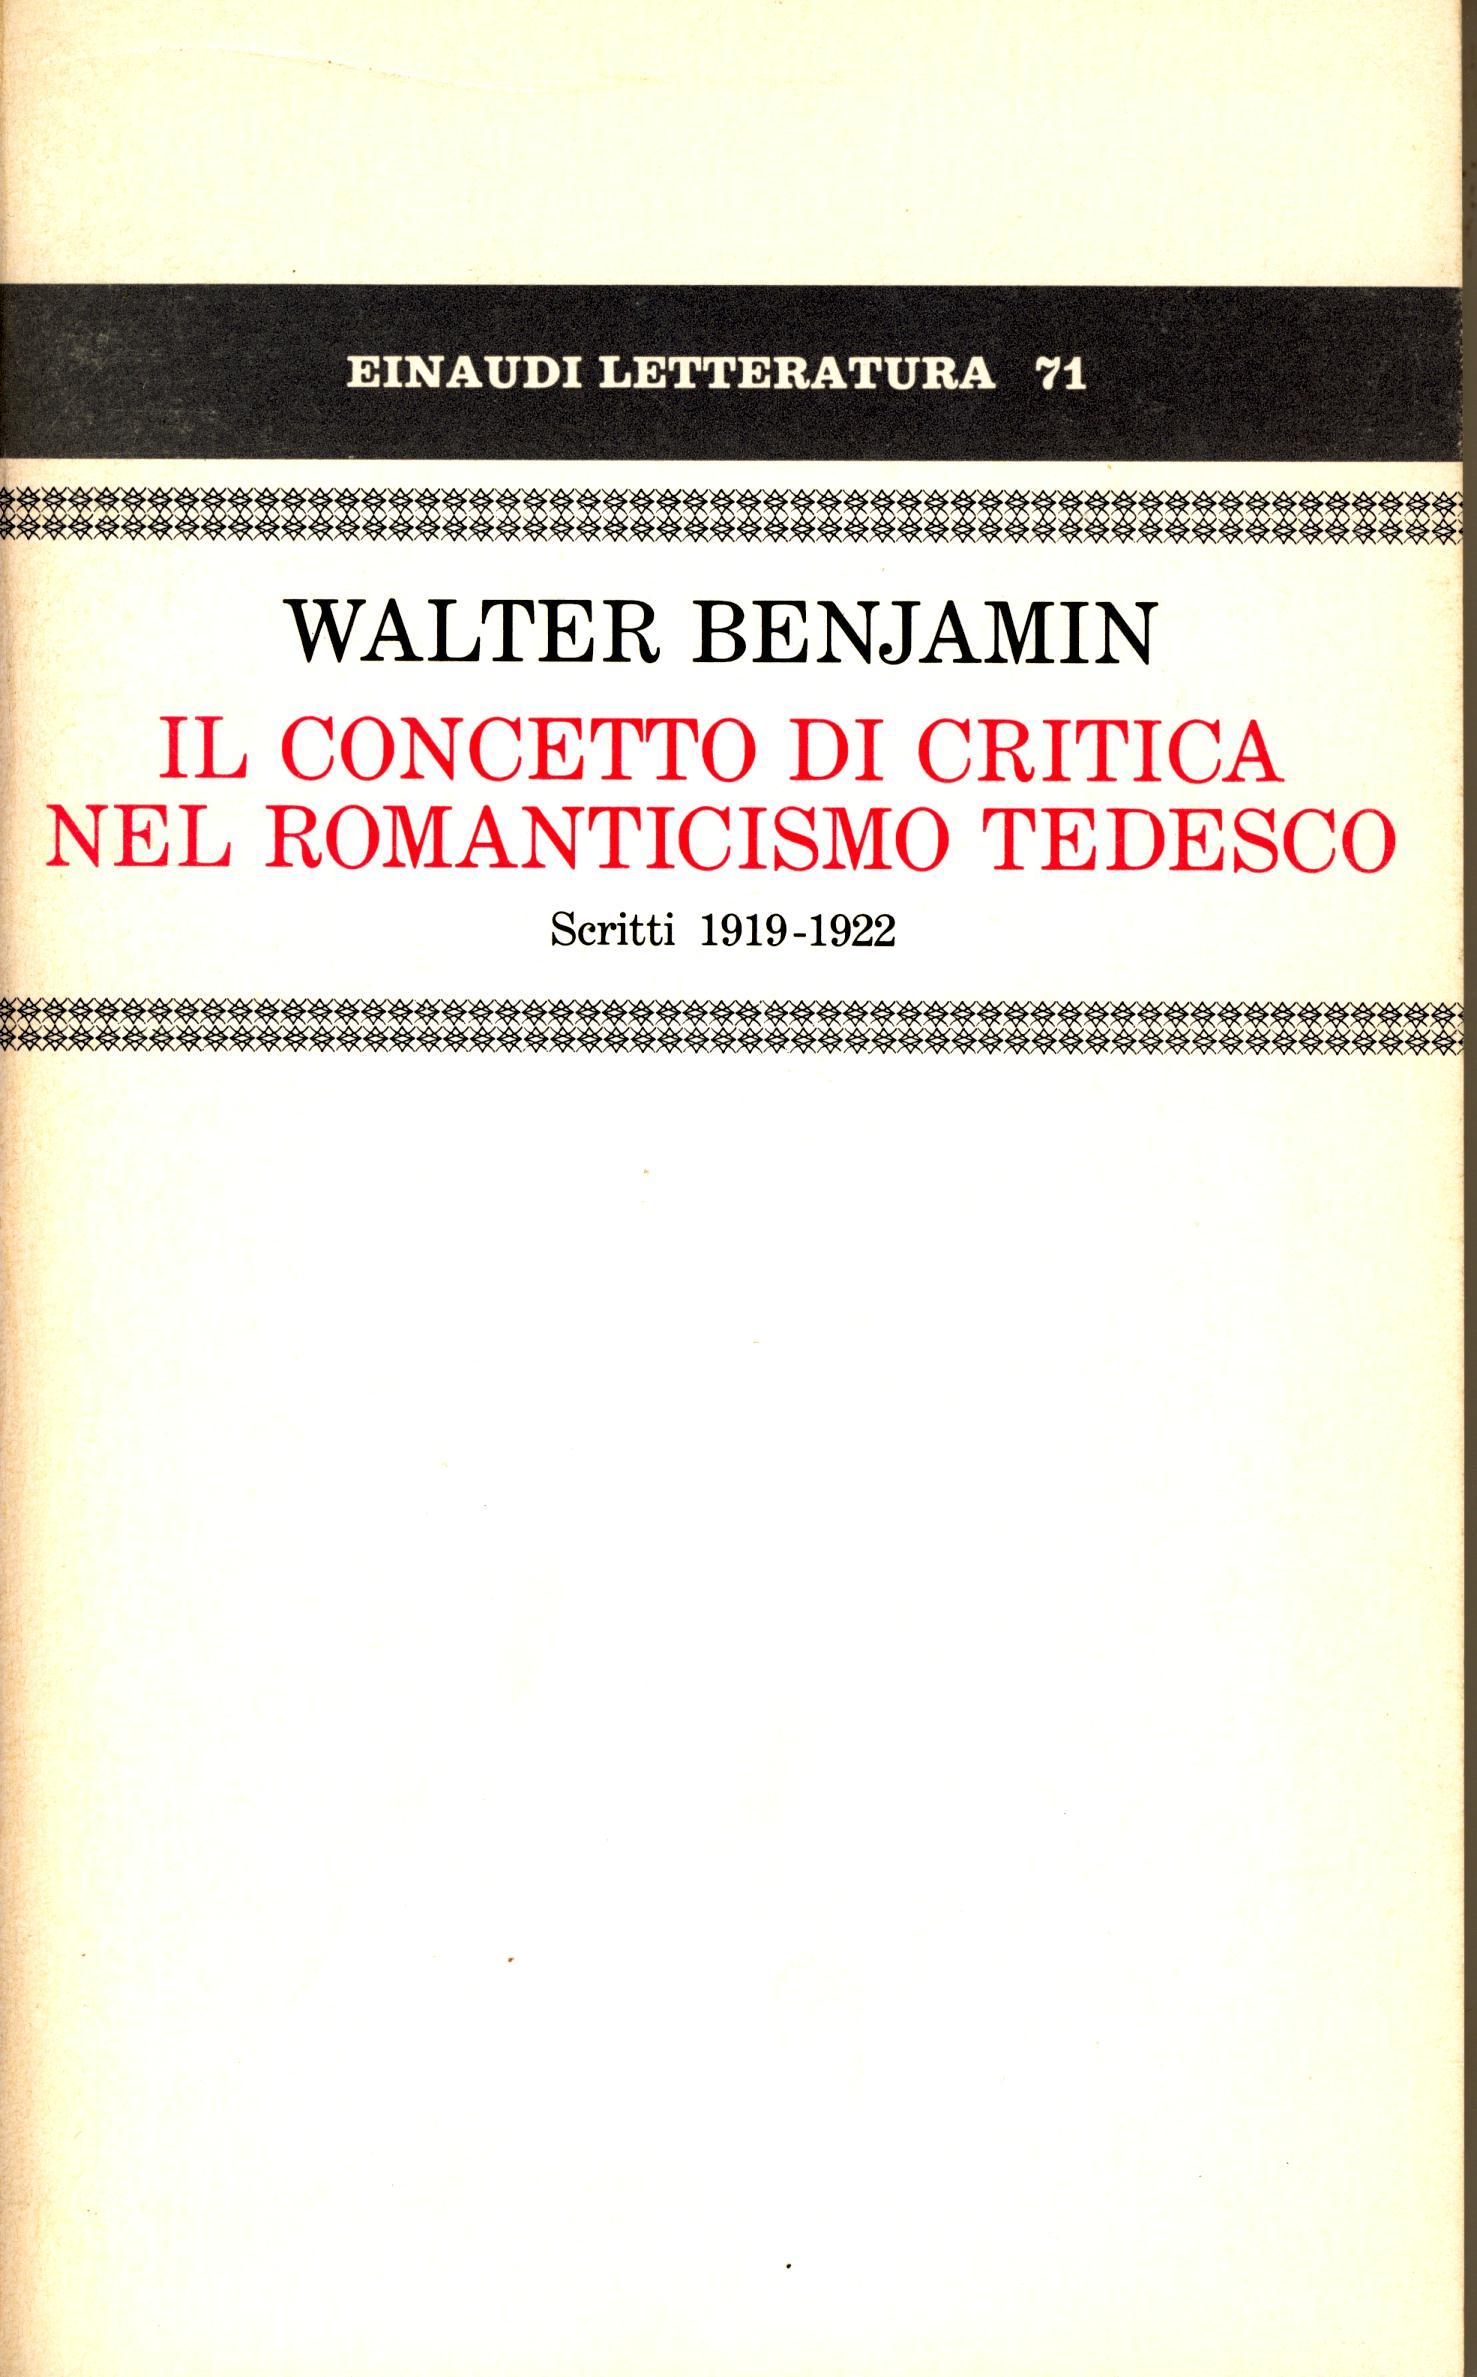 Il concetto di critica nel romanticismo tedesco